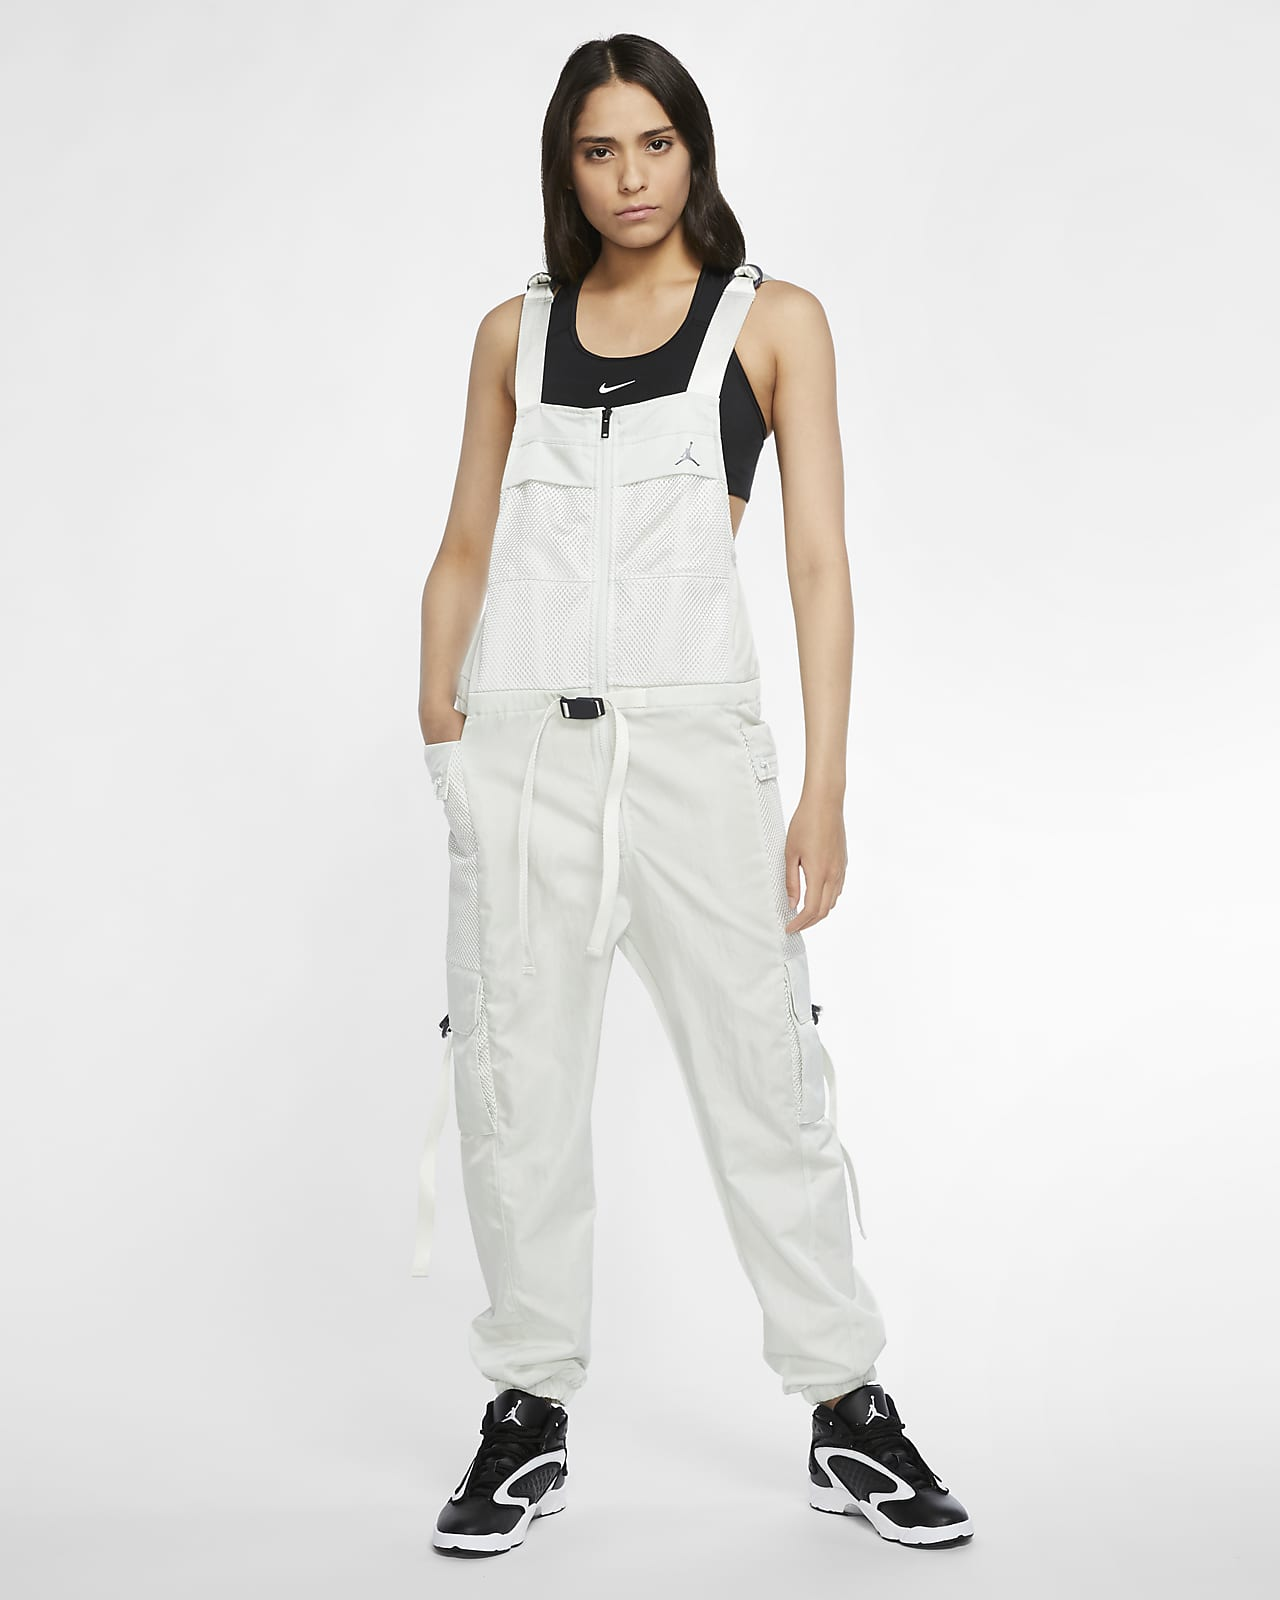 Γυναικεία ολόσωμη φόρμα Jordan Utility